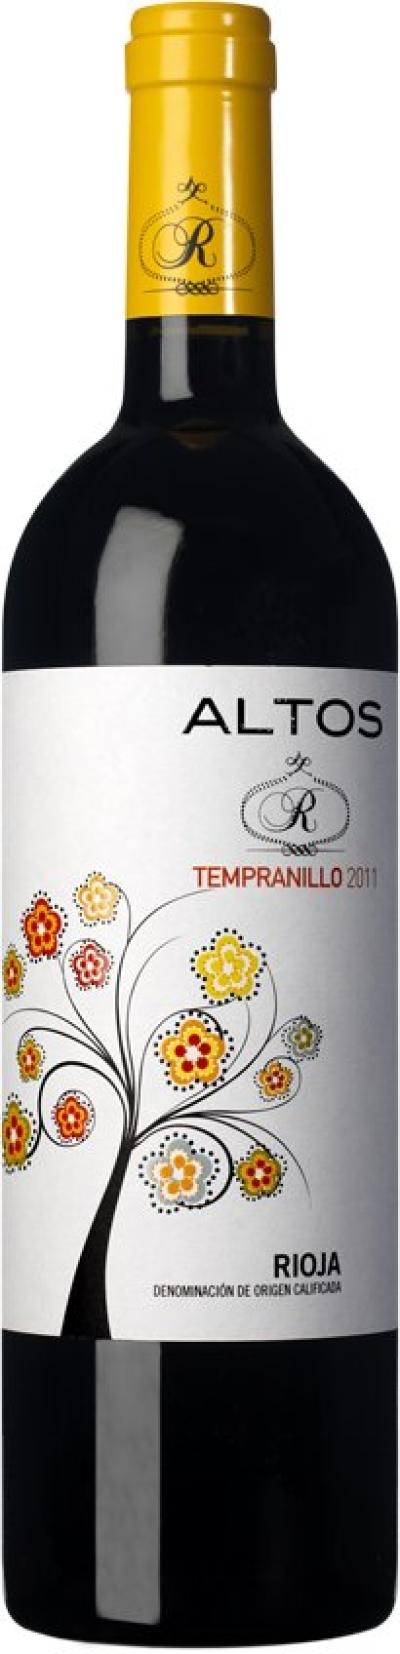 Altos R Tempranillo